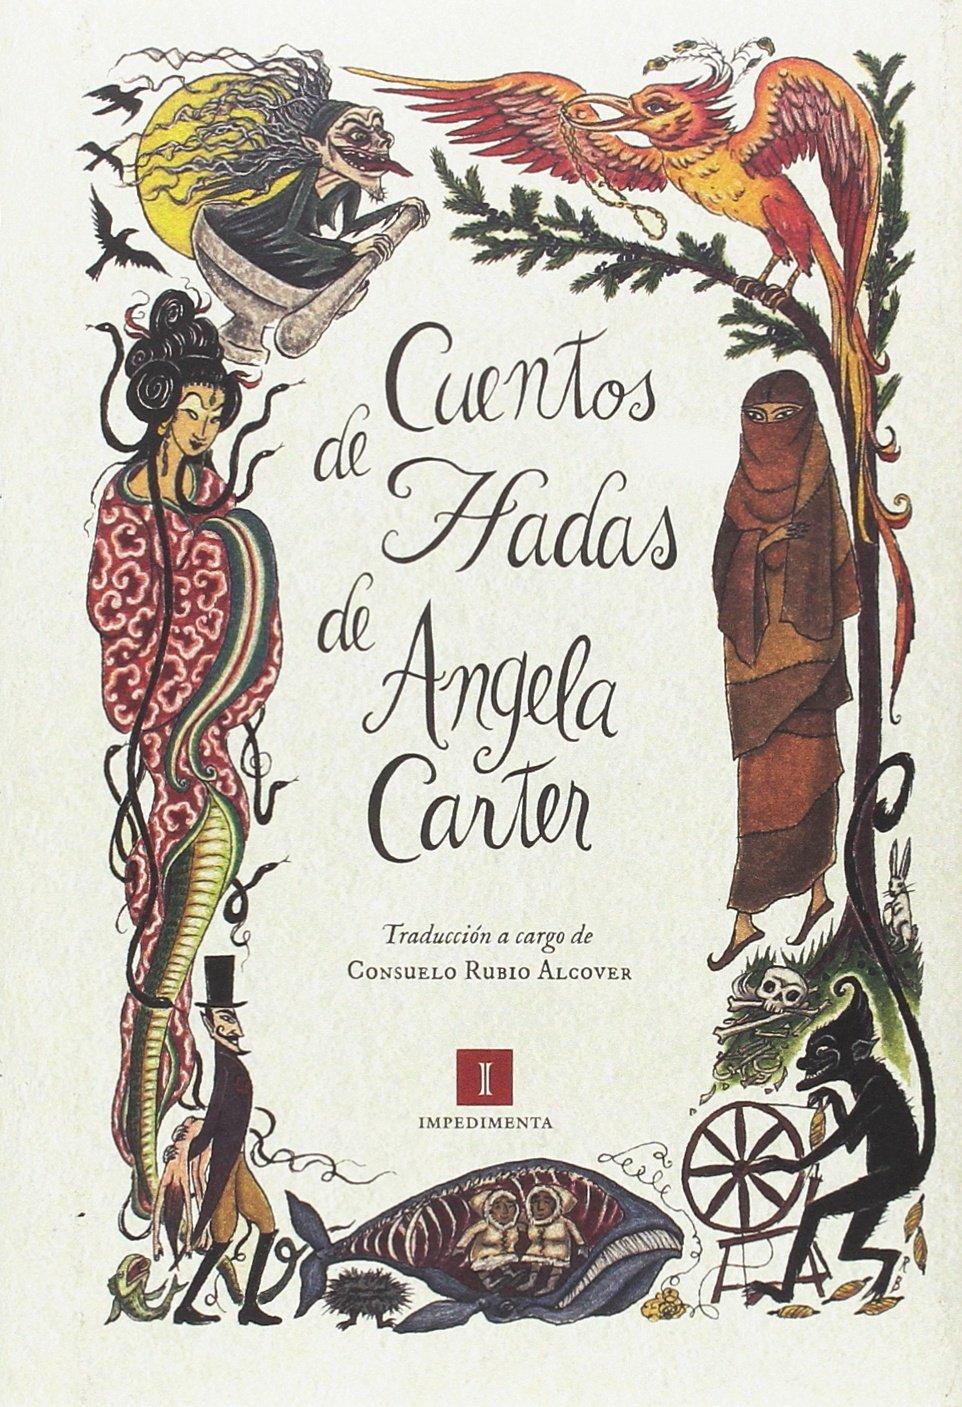 Cuentos de Hadas, Colección Impedimenta: Amazon.es: Carter, Angela ...